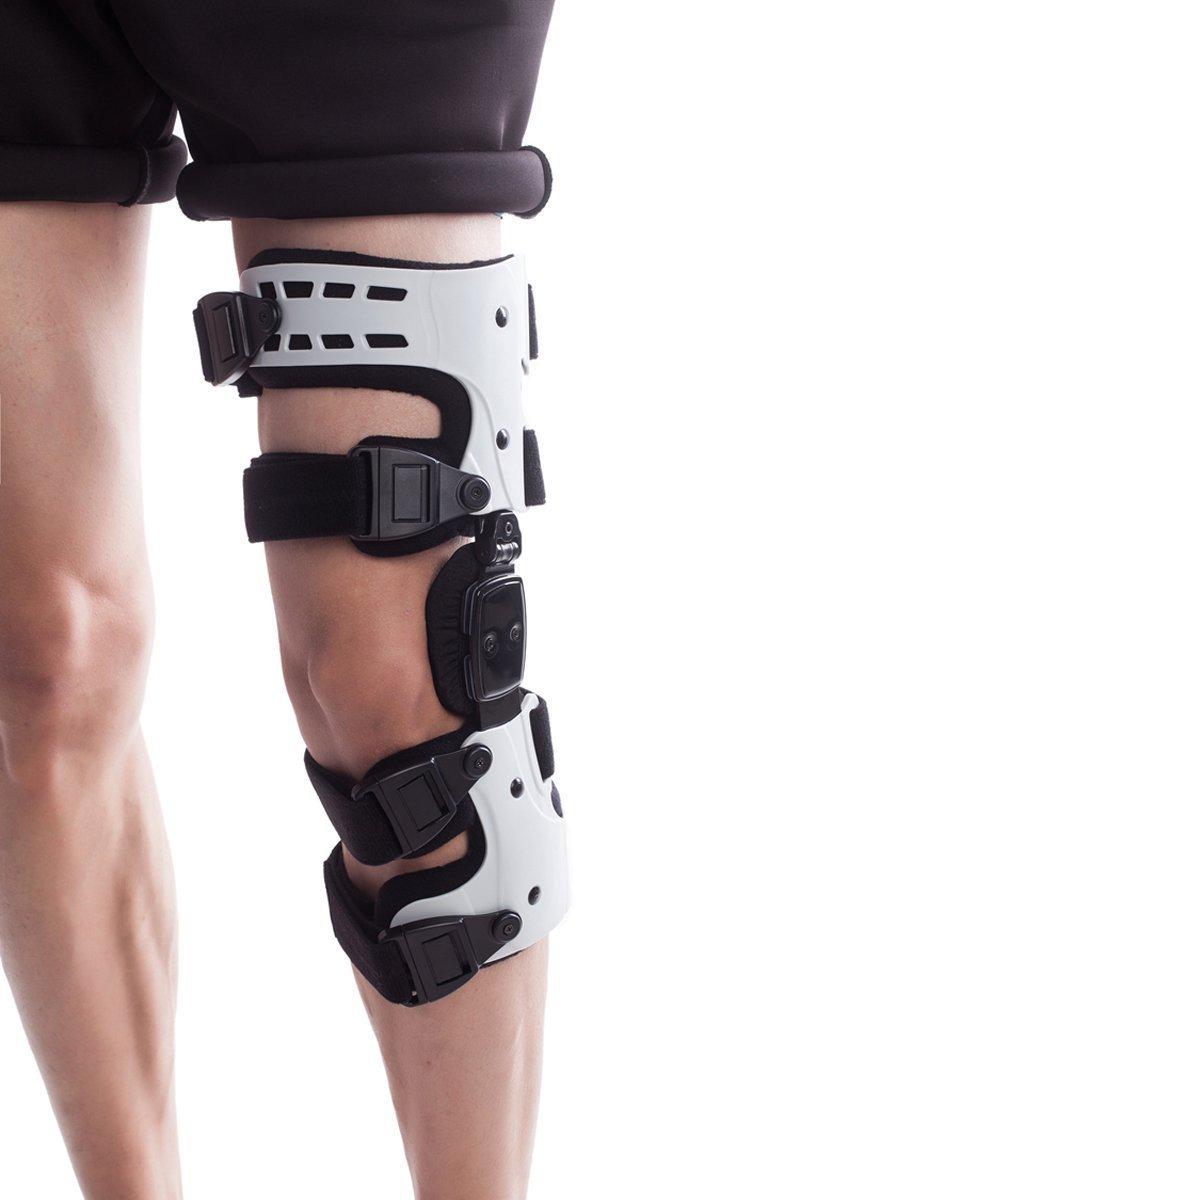 変形性膝関節症用装具 OA 膝関節の痛み 膝痛対策 -外側型 左 白 B07L8F9NY9